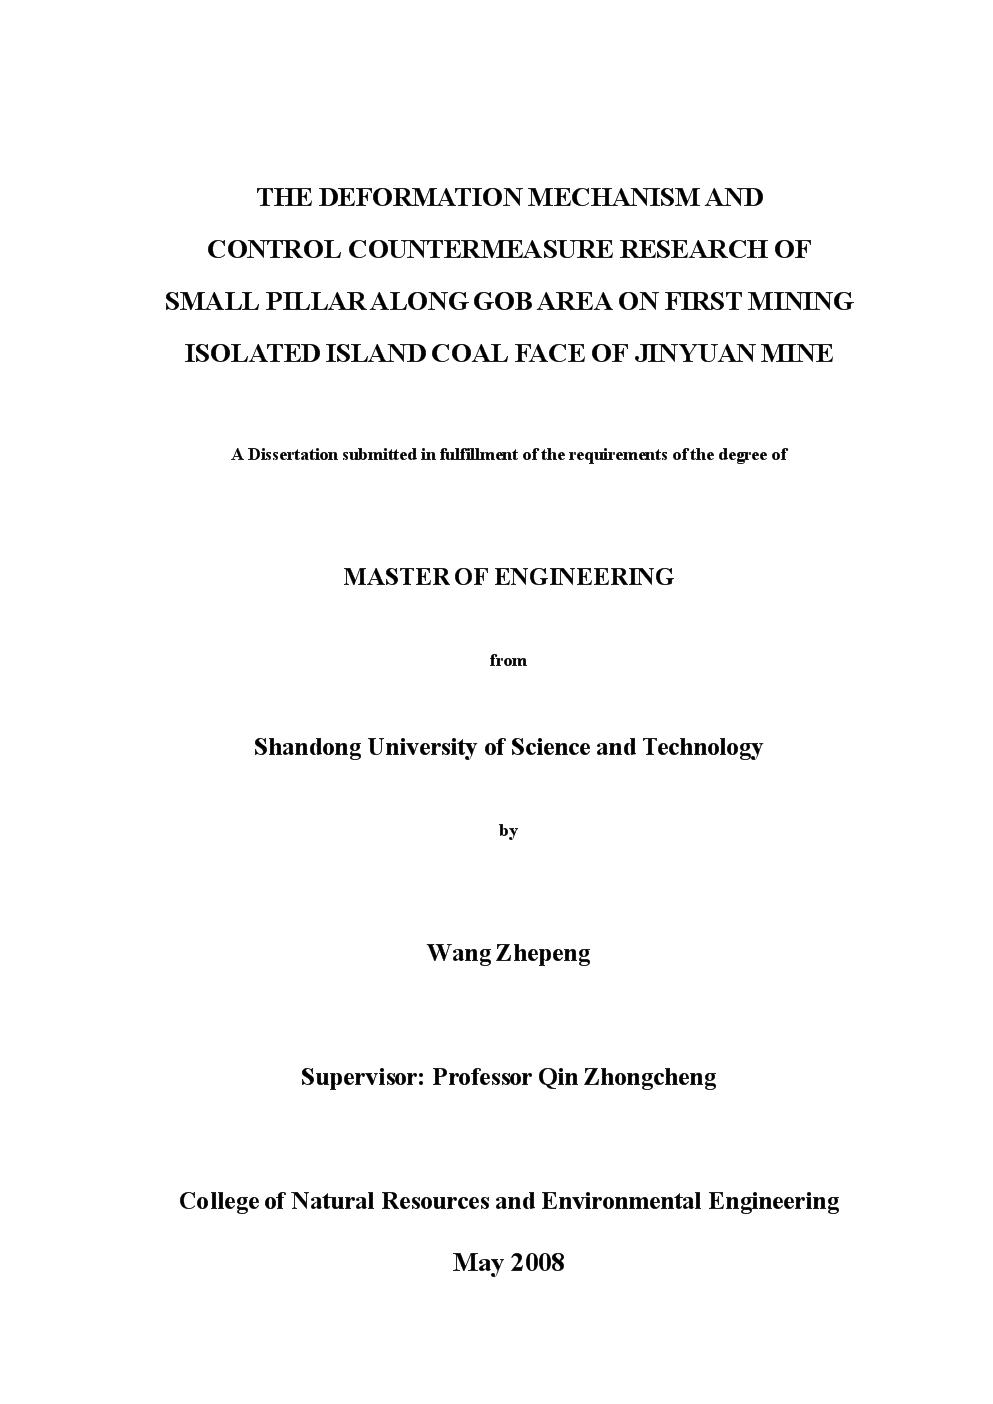 金源煤矿首采孤岛工作面沿空小煤柱变形机理与控制对策研究-工程力学专业论文.docx